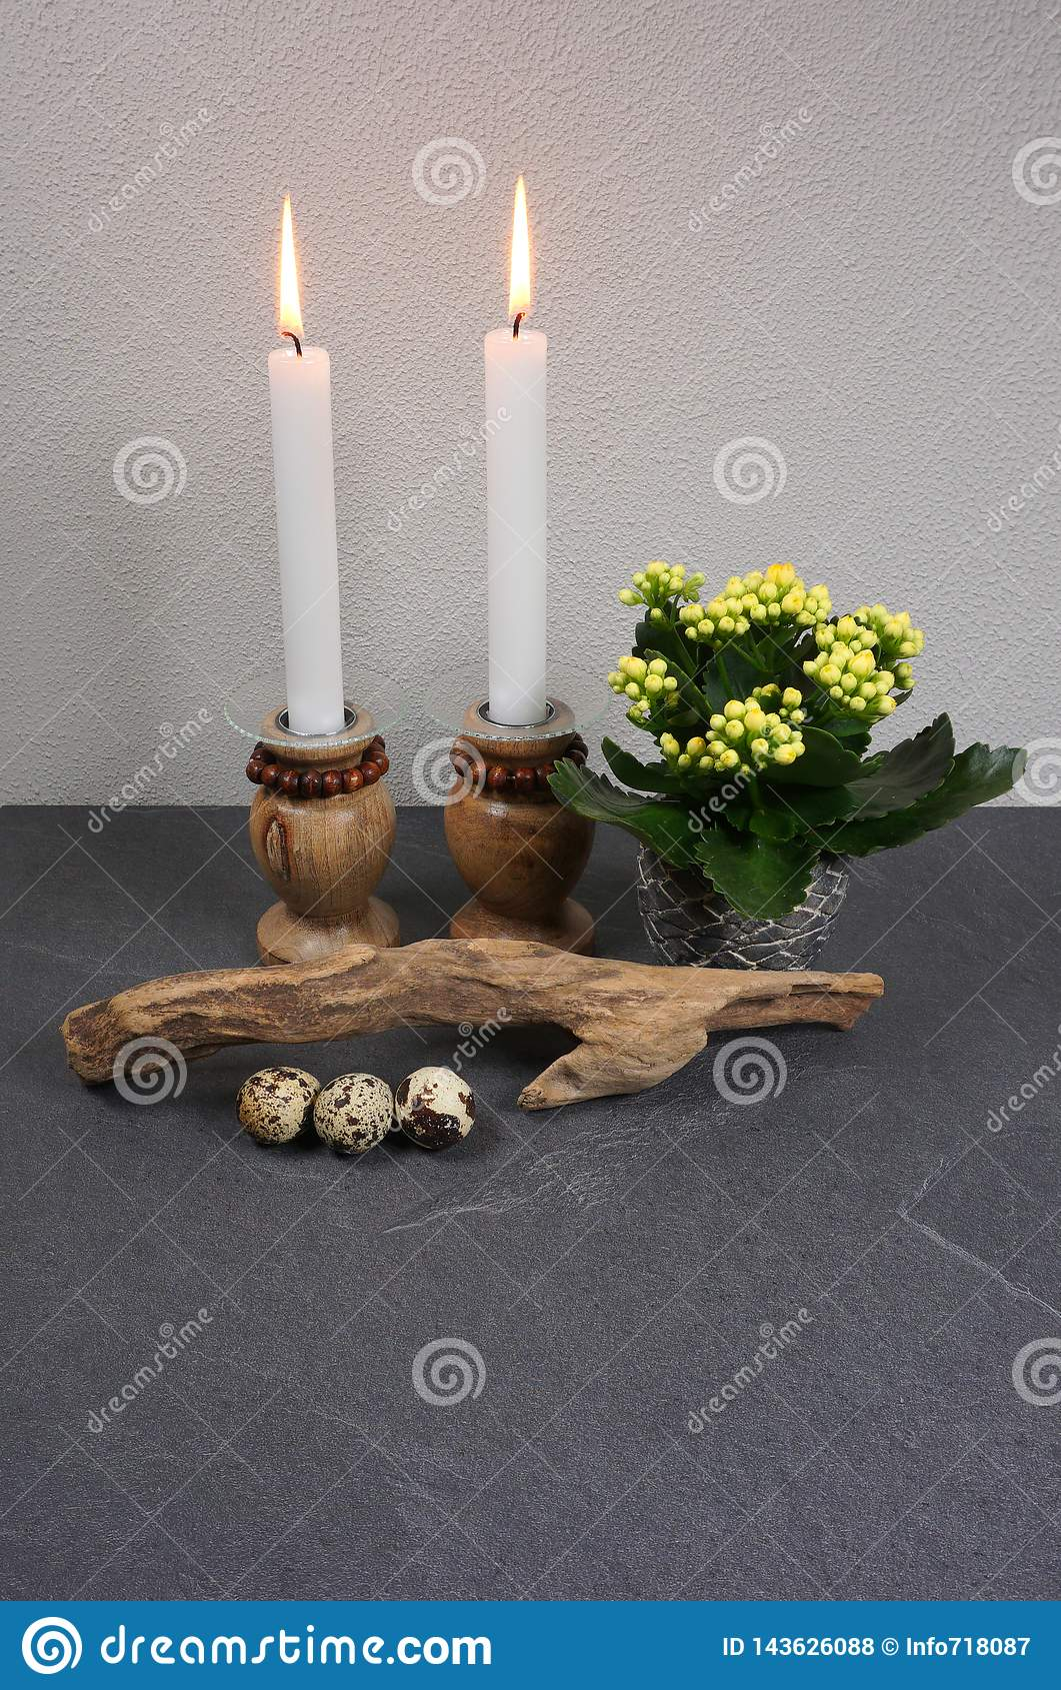 Decoração para o ambiente da casa com o blossfeldiana do kalanchoe da vela e madeira lançada à costa no fundo de madeira cinzento